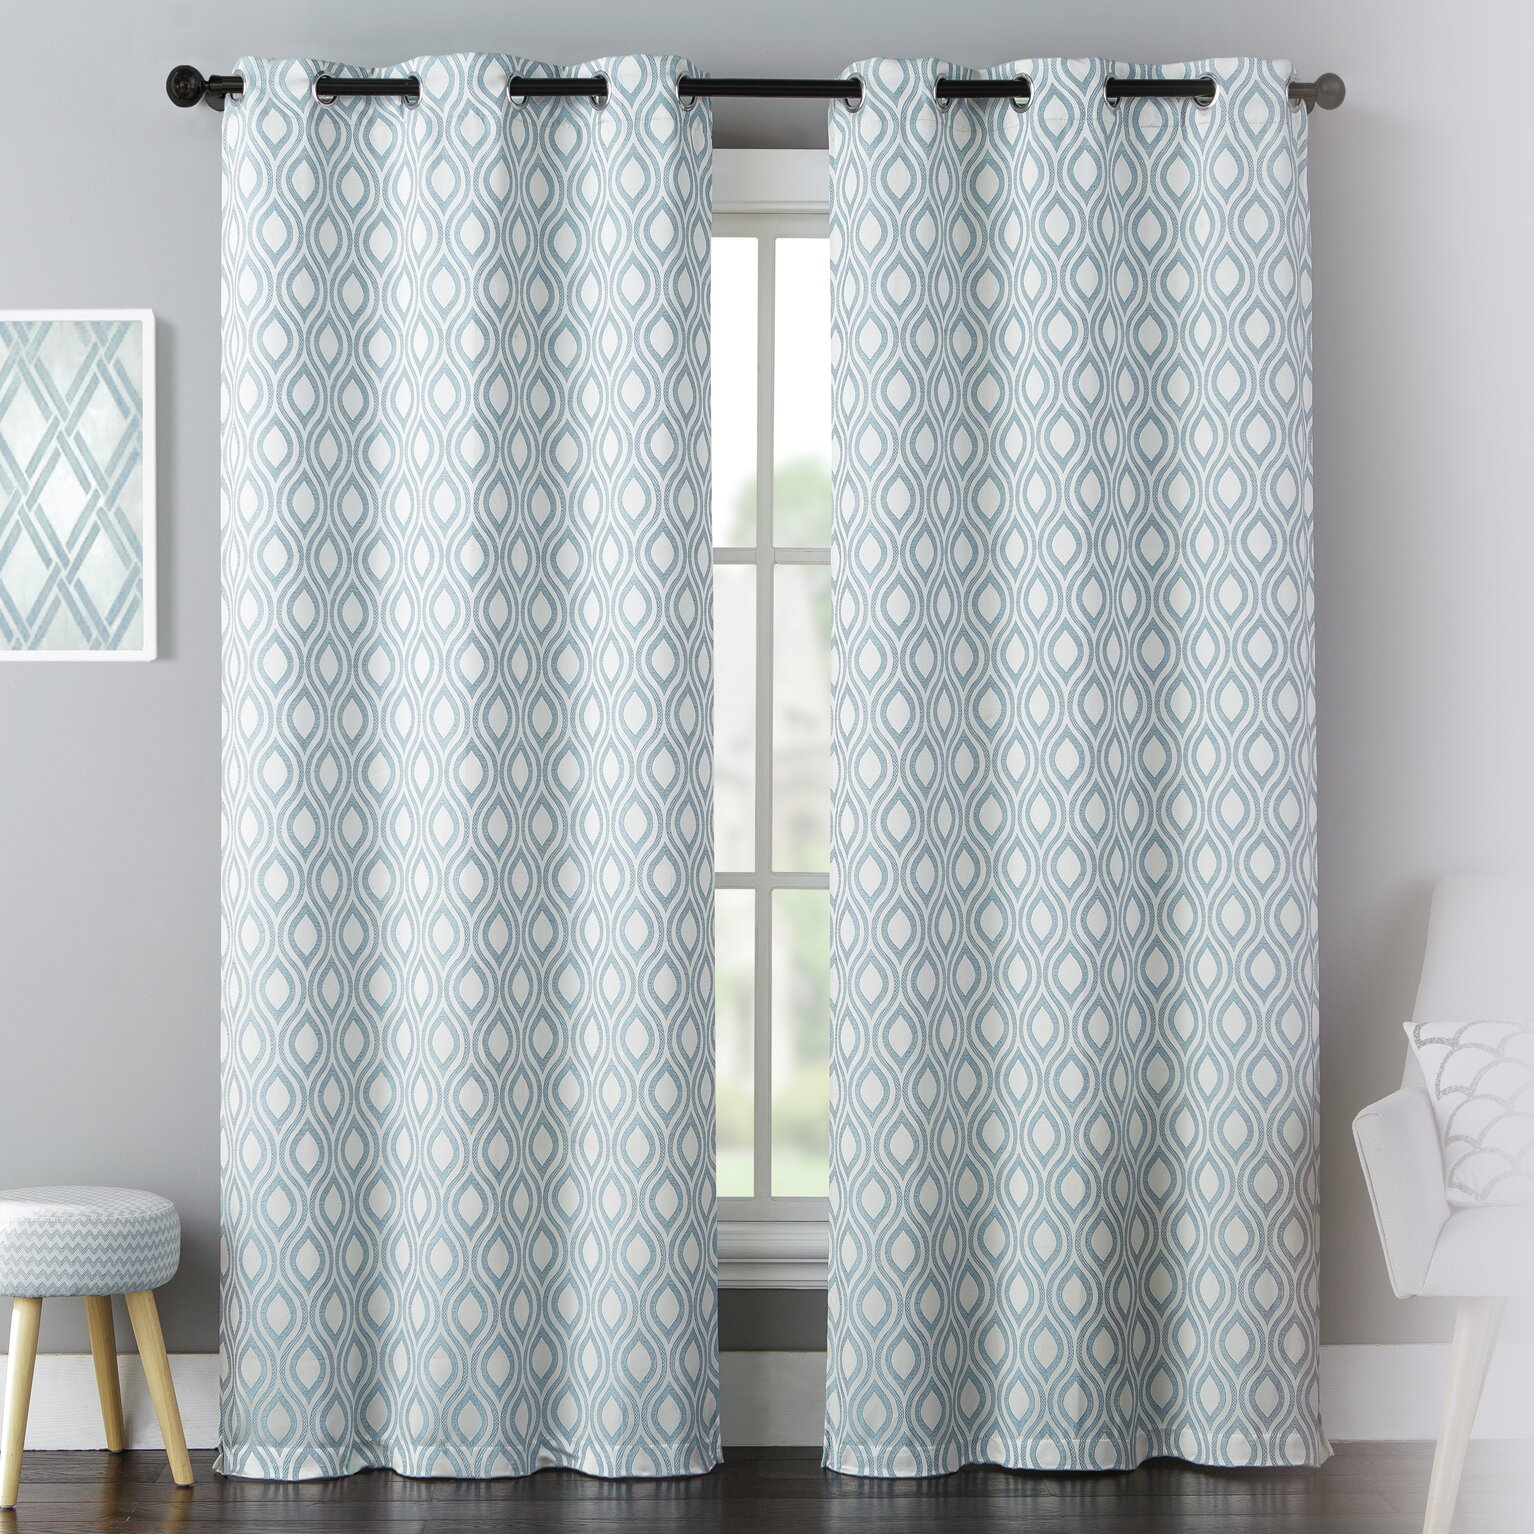 curtains drapes 63 83 length curtains drapes un